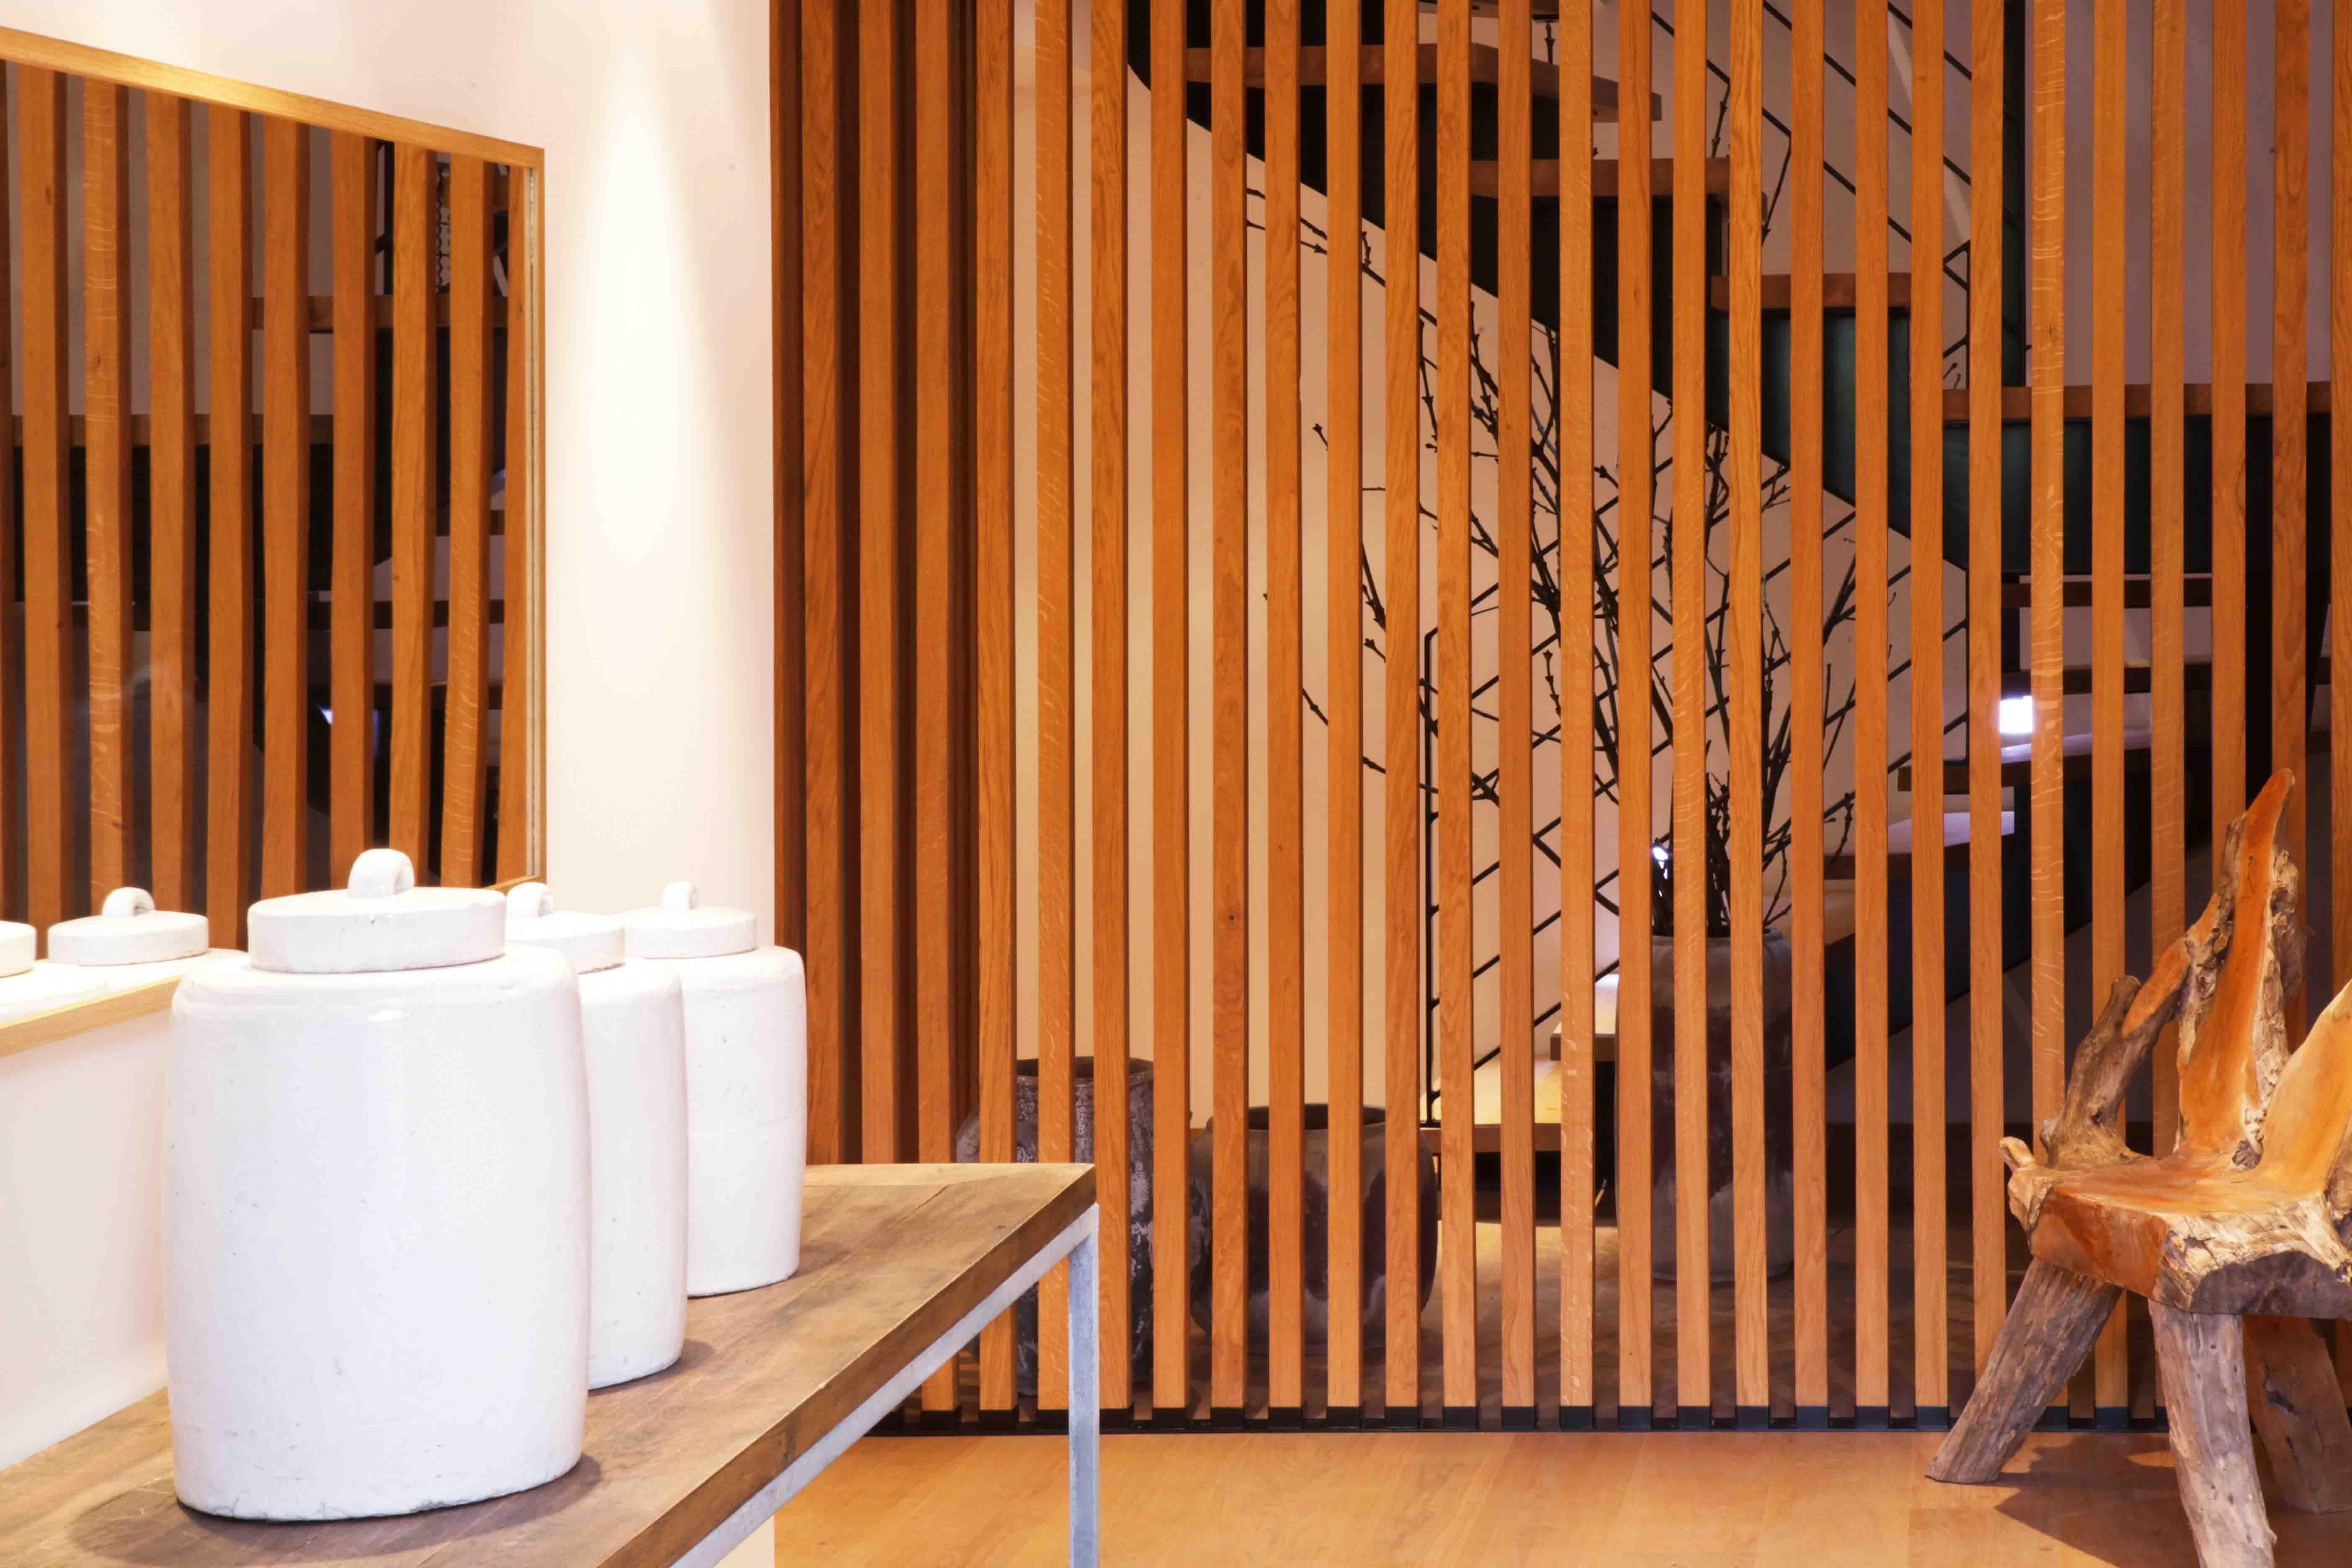 Bois, pierre et design